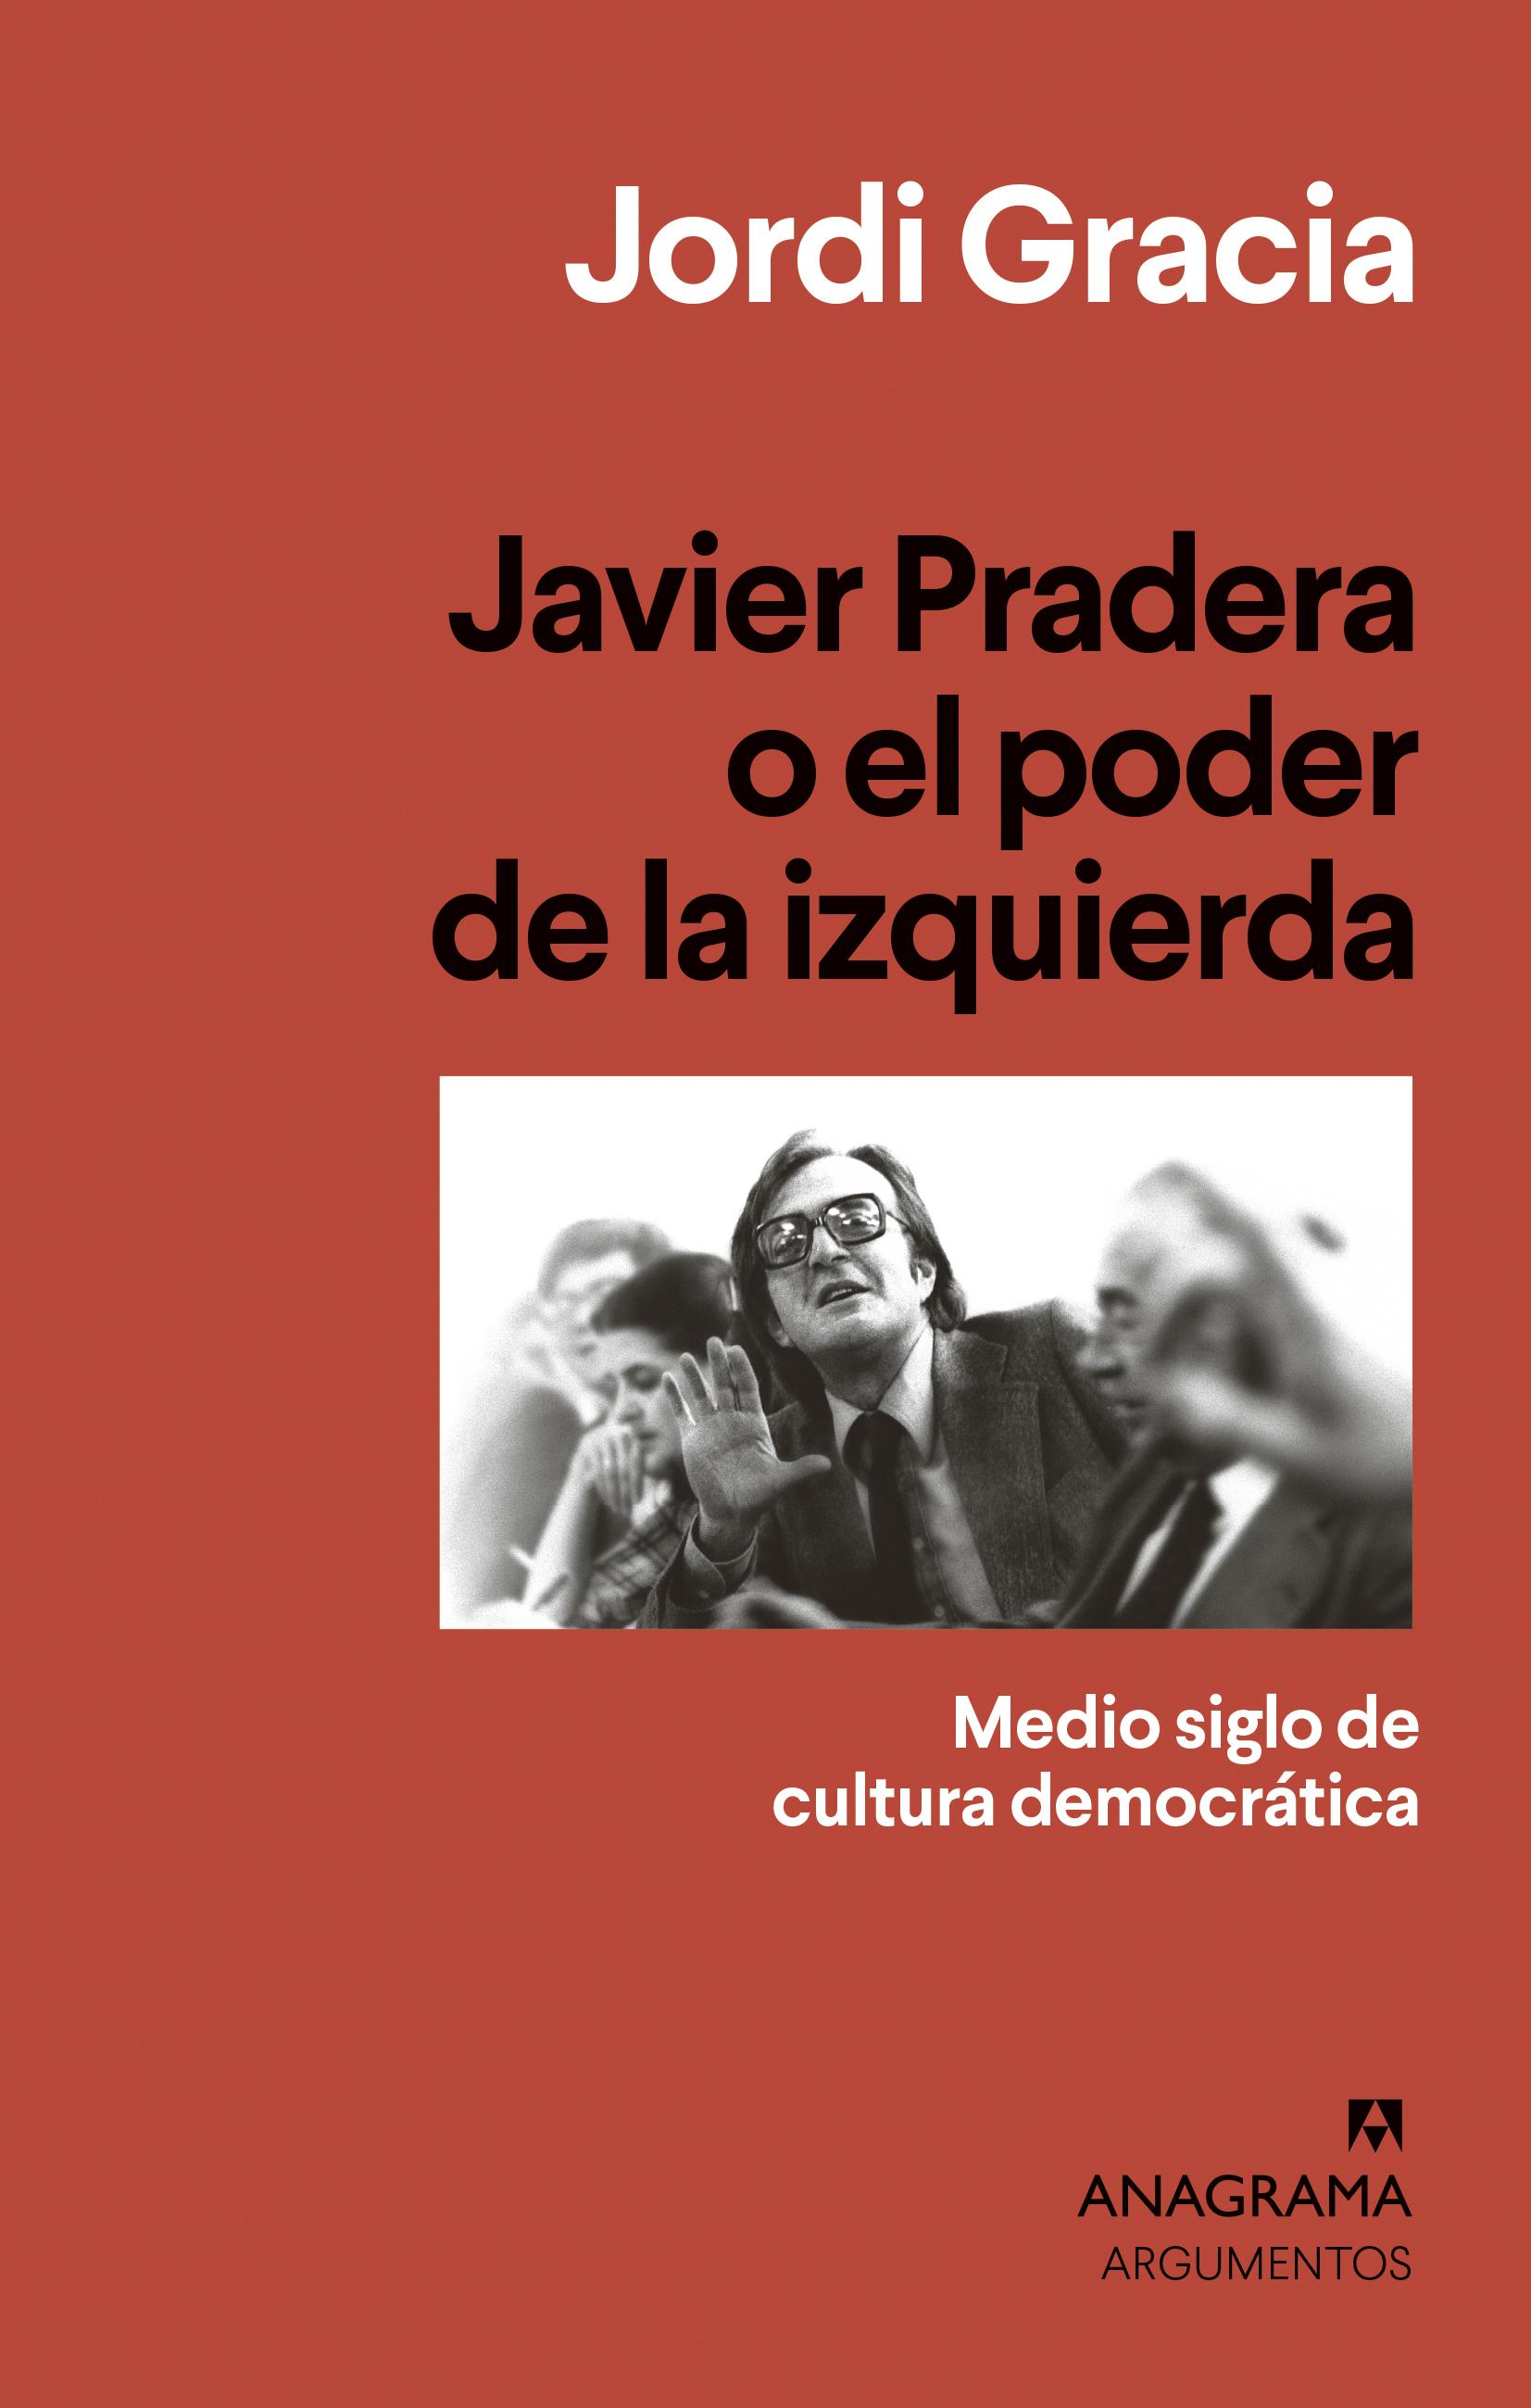 Javier Pradera o el poder de la izquierda - Gracia, Jordi - 978-84-339-6439-7 - Editorial Anagrama